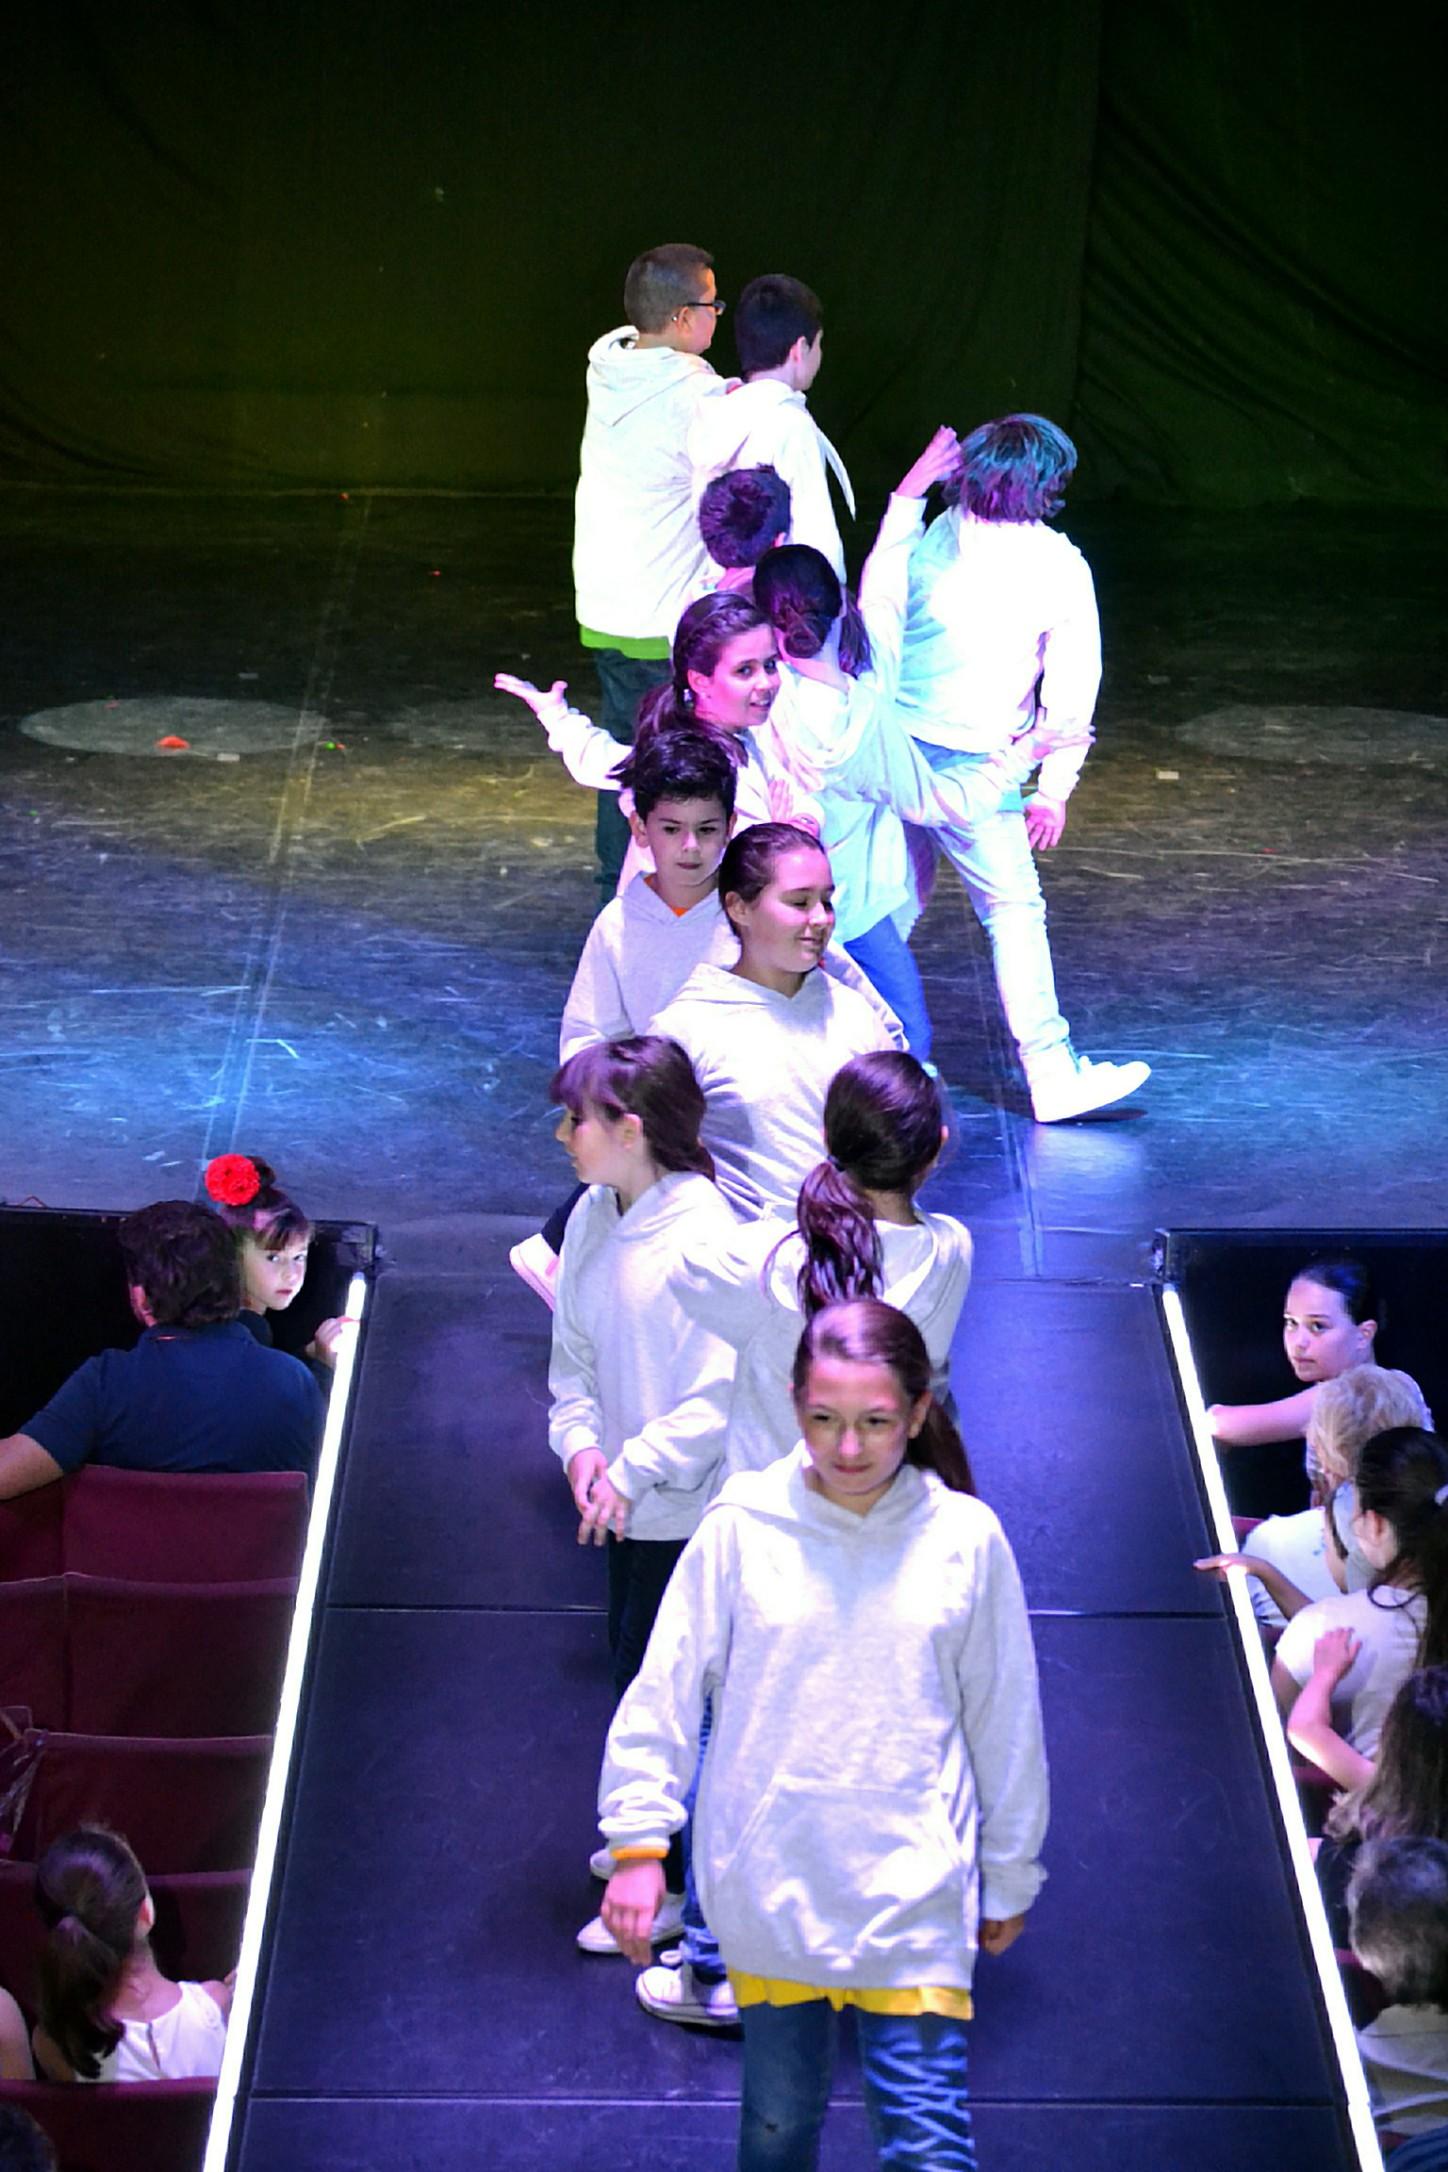 Linea-de-Baile-festival-verano-2015-clases-de-baile-valencia-28